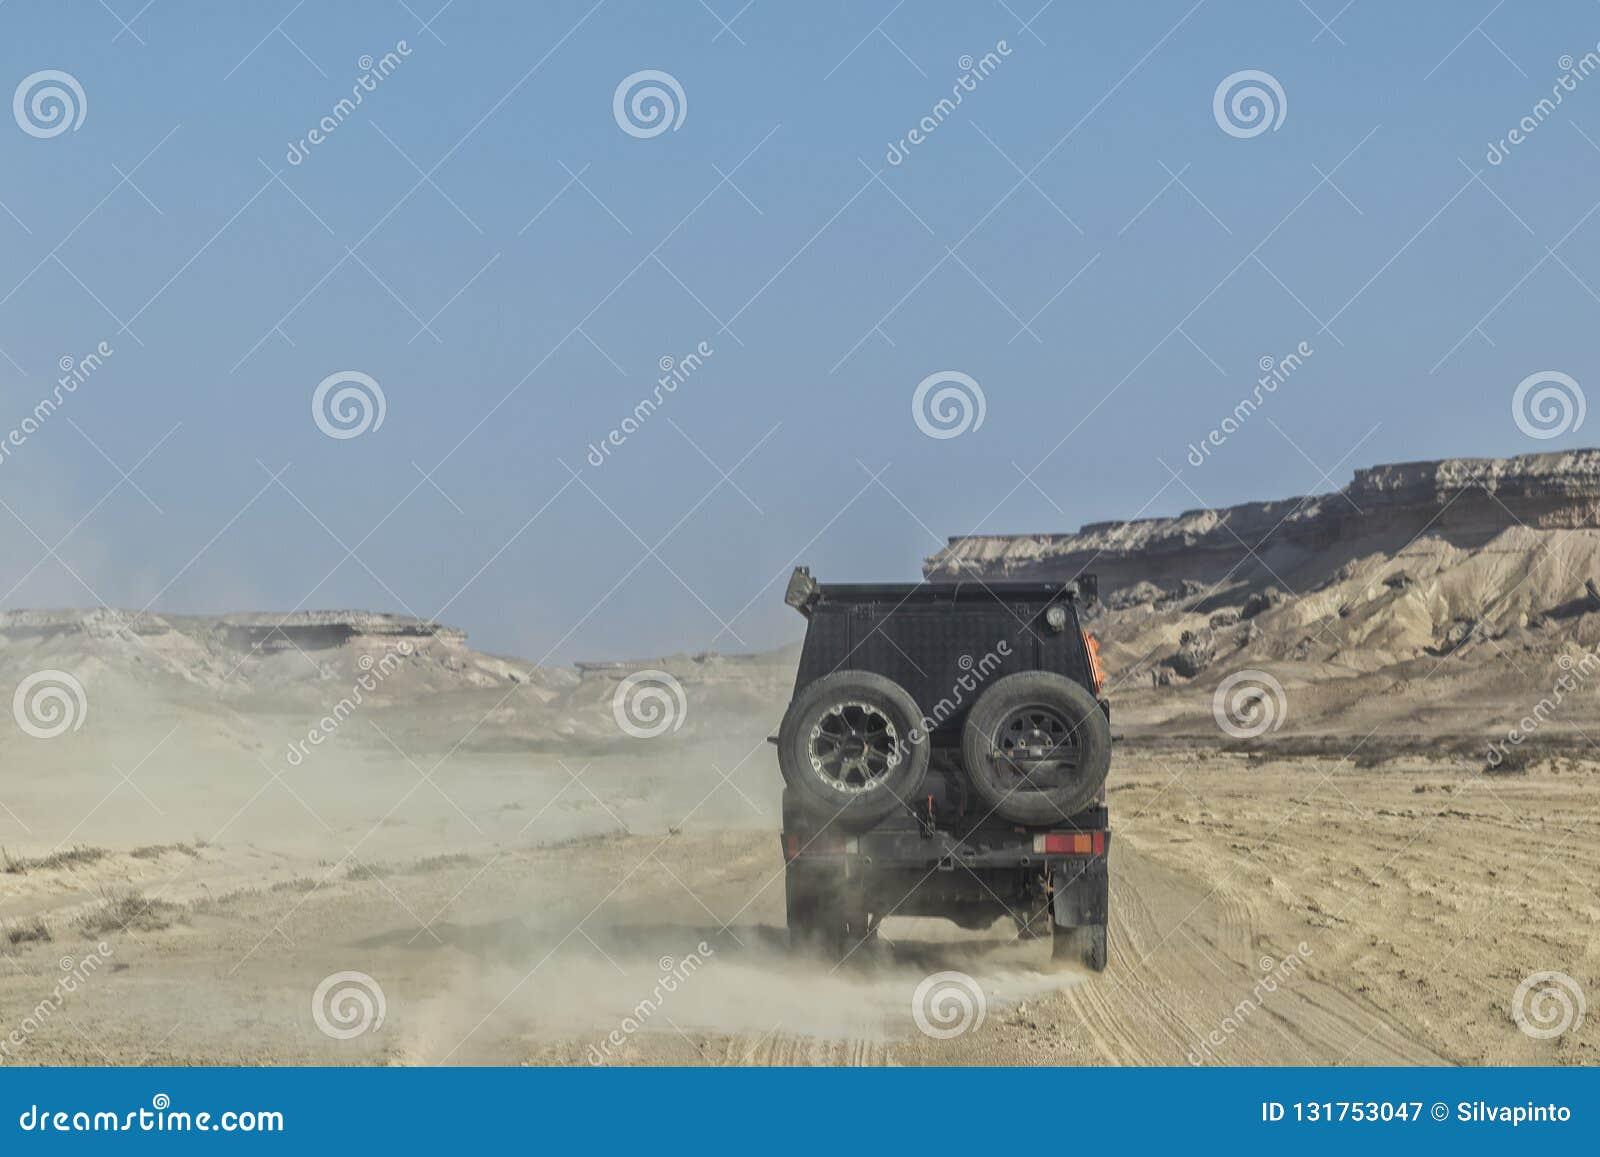 автомобиль 4x4 на дороге песка в каньонах пустыни Namibe вышесказанного anisette